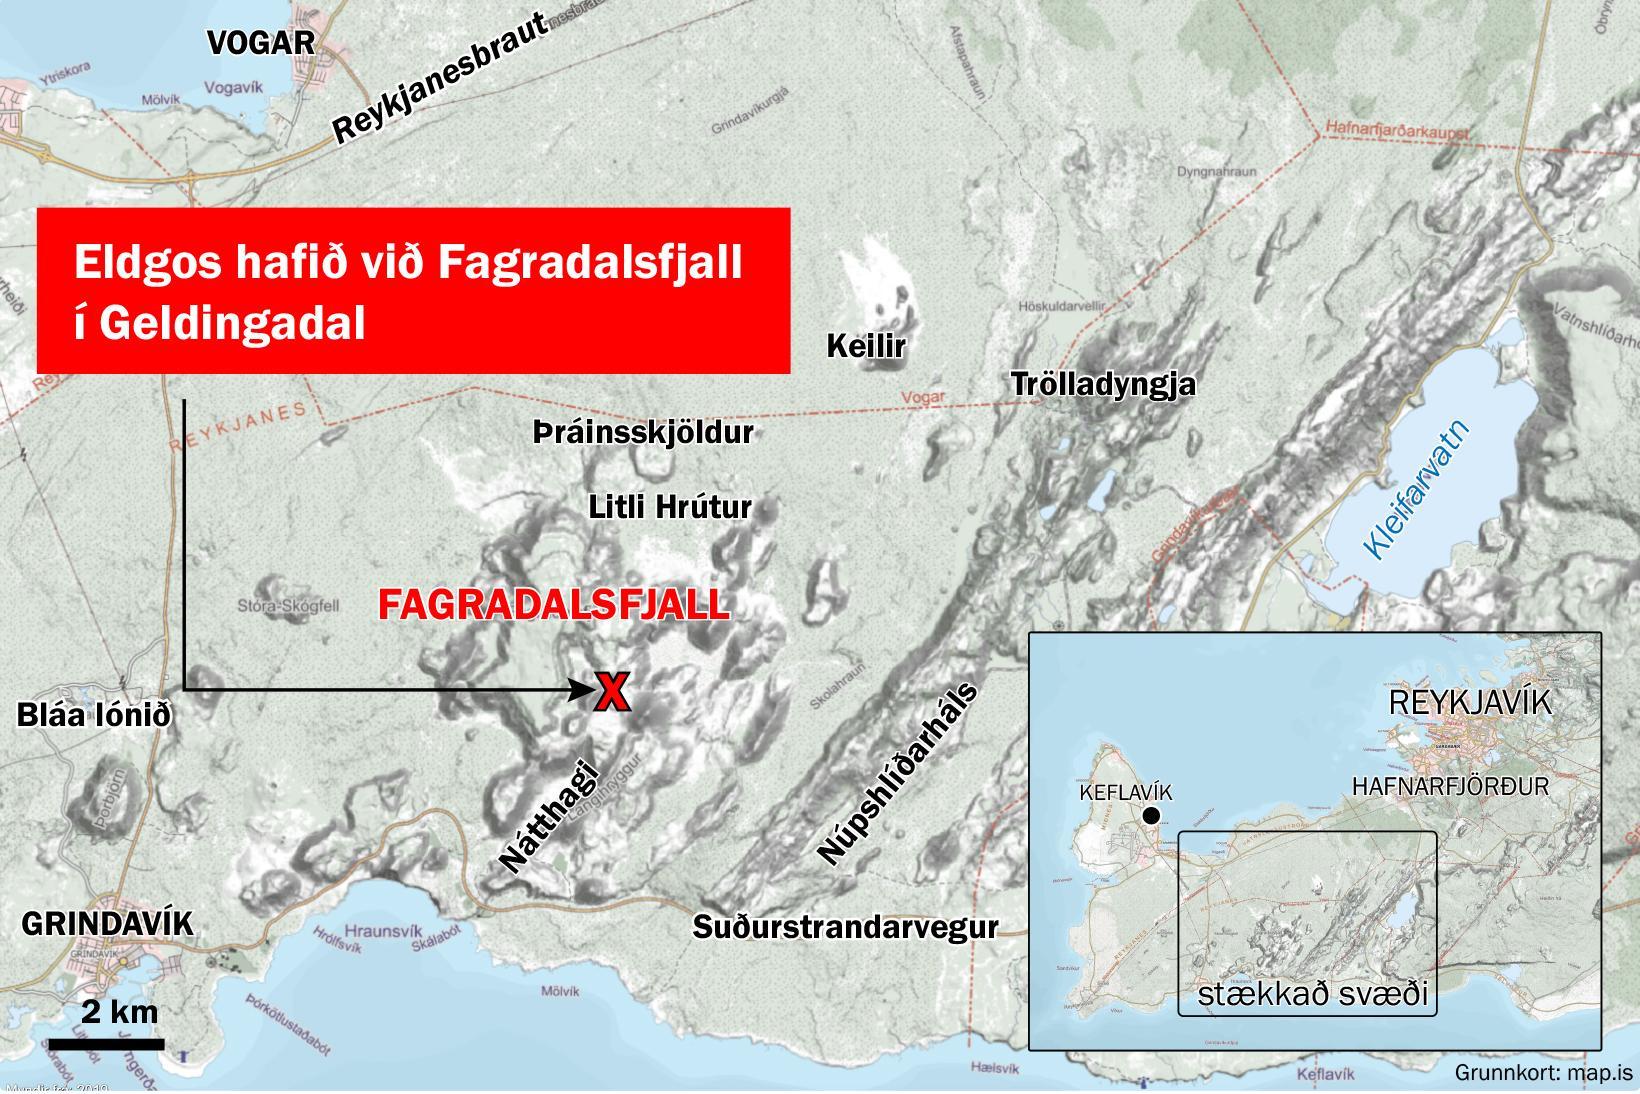 Sprungan er 2,6 km frá Suðurstrandarvegi, að sögn Veðurstofunnar.